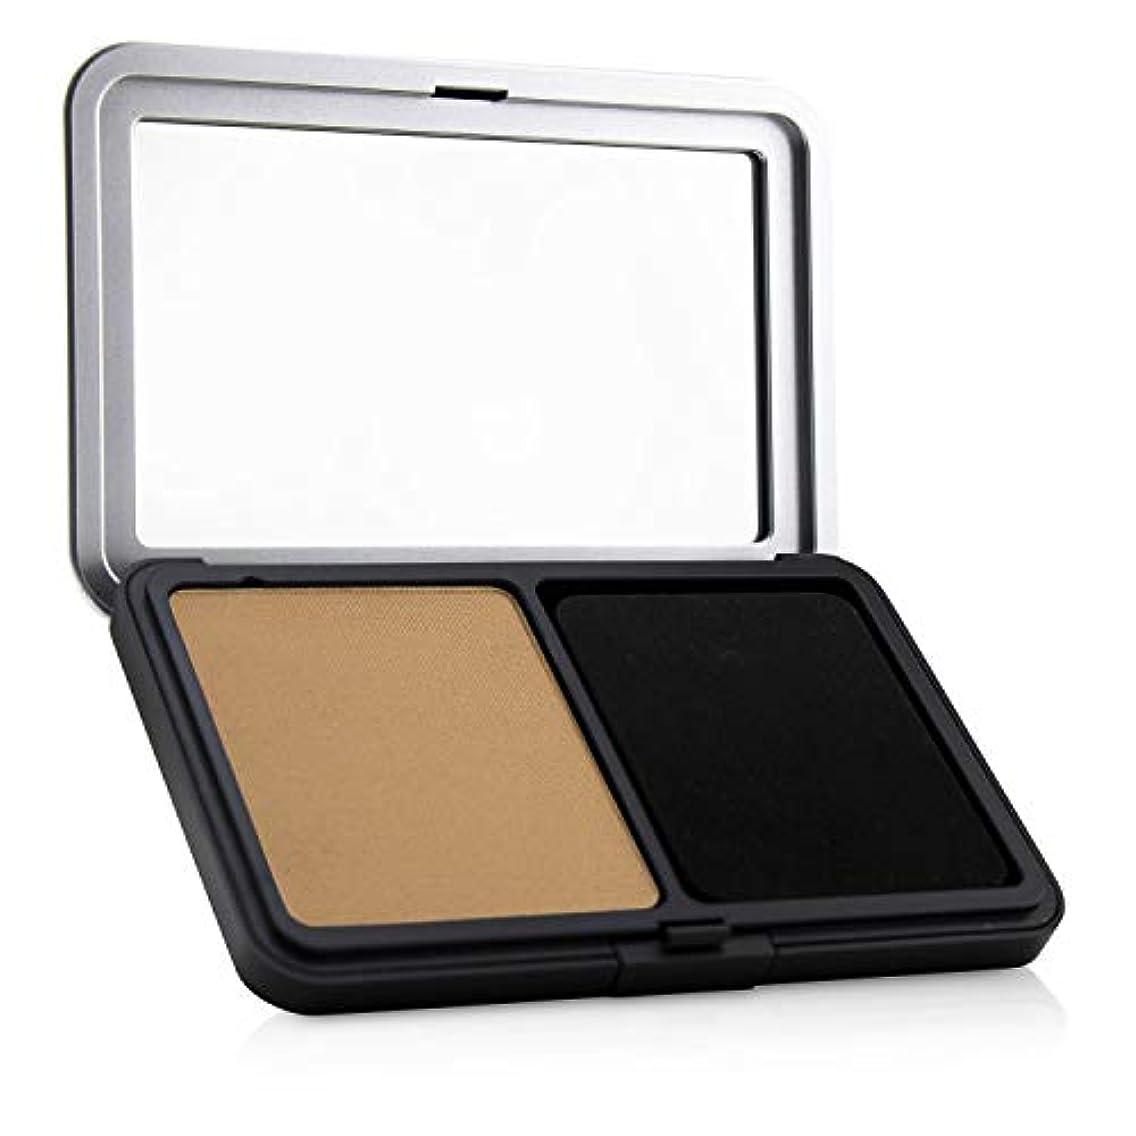 シンポジウム貫通メロドラマメイクアップフォーエバー Matte Velvet Skin Blurring Powder Foundation - # R370 (Medium Beige) 11g/0.38oz並行輸入品